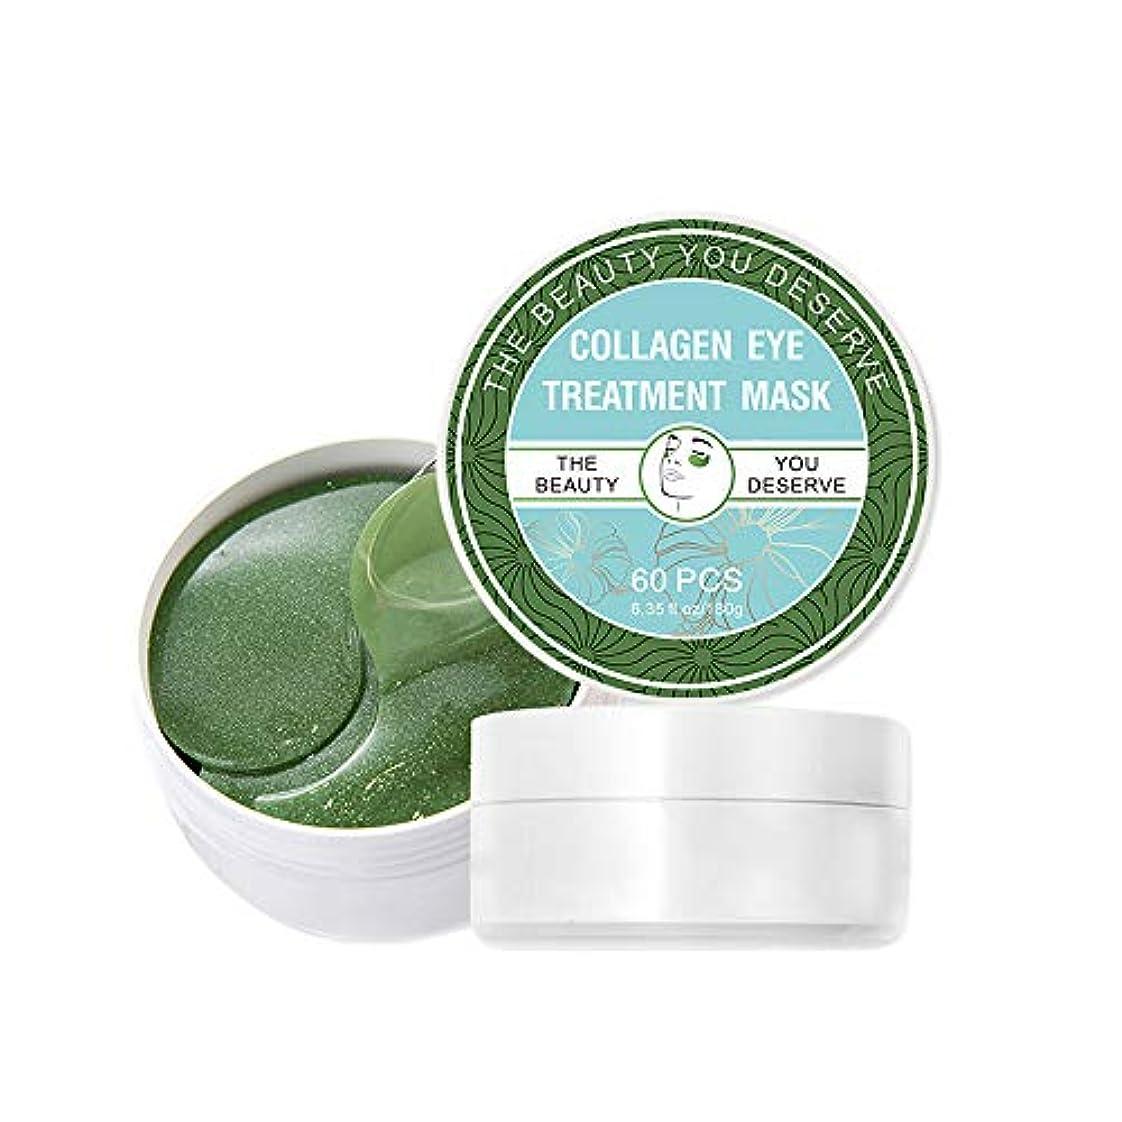 アイトリートメントマスク、コラーゲンアイマスク海藻エキスアンダーエイジヒアルロン酸アイパッチジェルアイパッチフォーアイモイスチャライジング、ダークサークル、ナチュラルファーミング、ふくらんだシワ